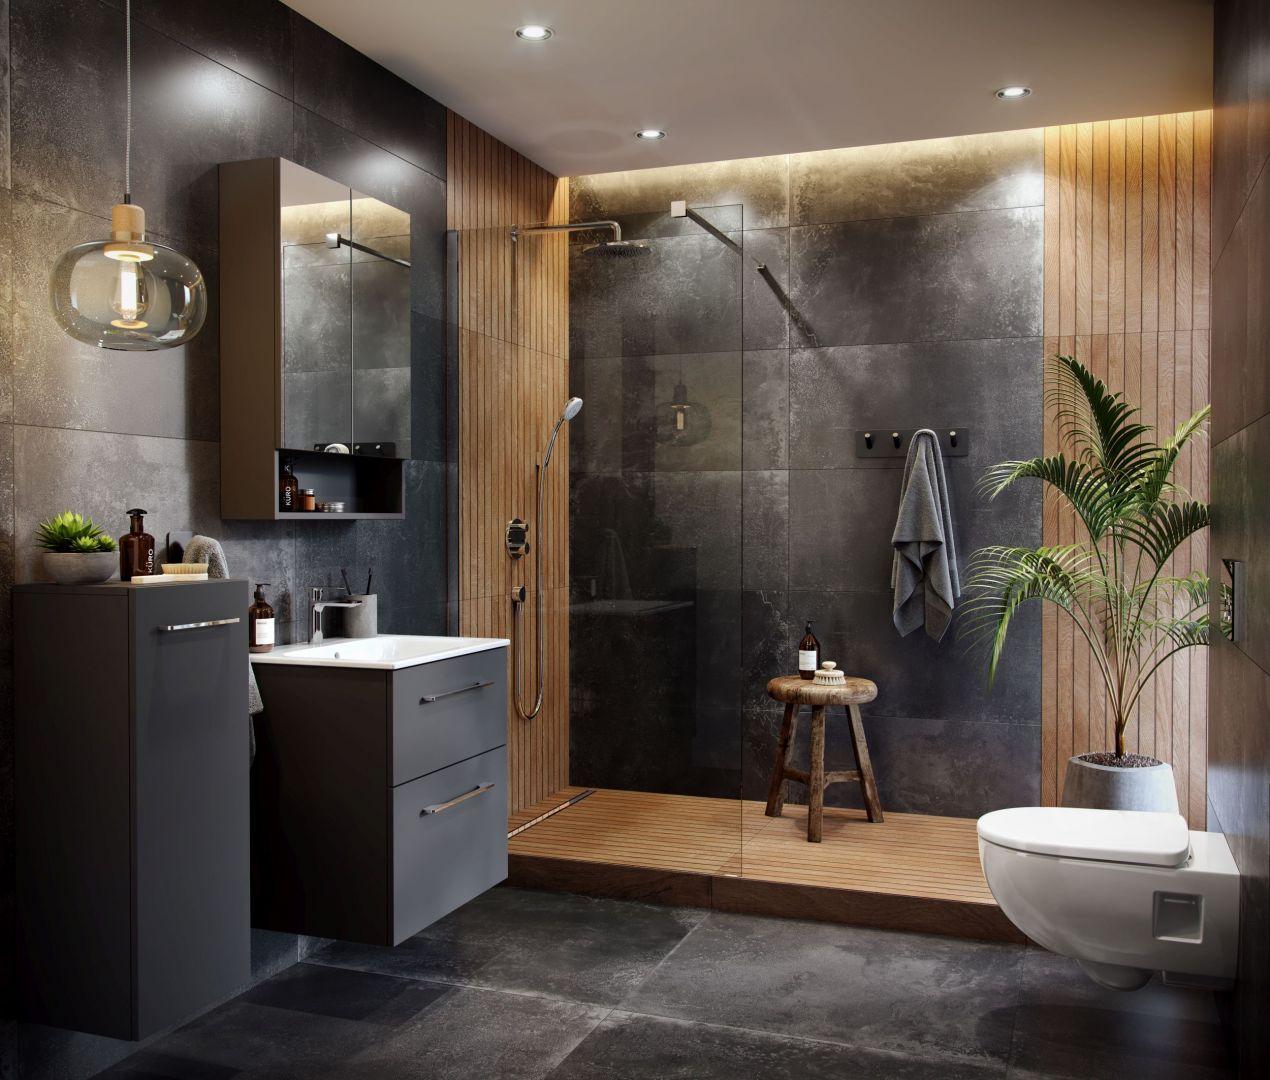 Łazienka dla rodziny urządzony w ciemnym kolorach. Fot. Koło